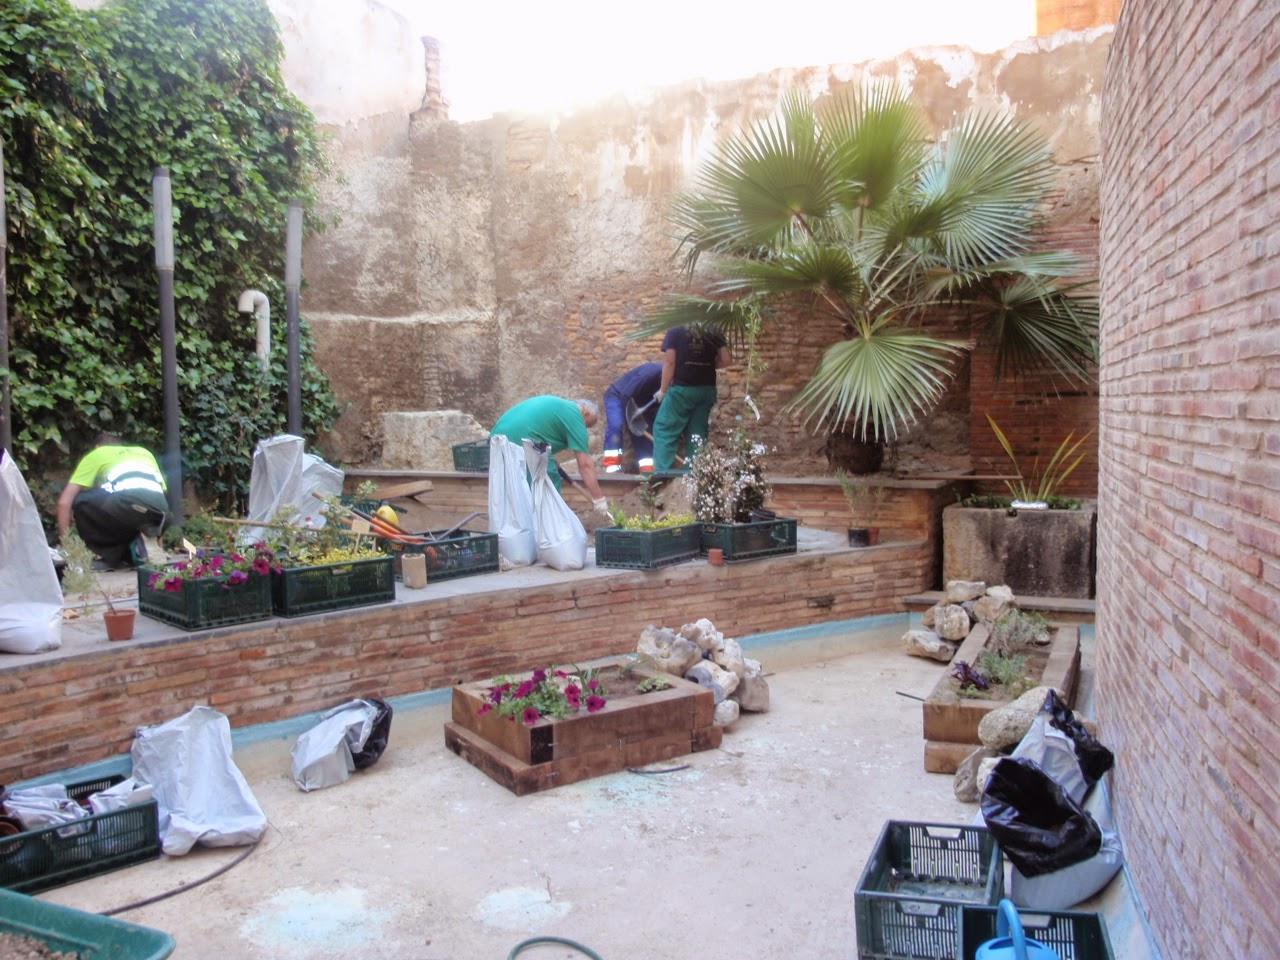 Escuela municipal de jardiner a el pinar el jardin de abril - Maceteros de obra ...